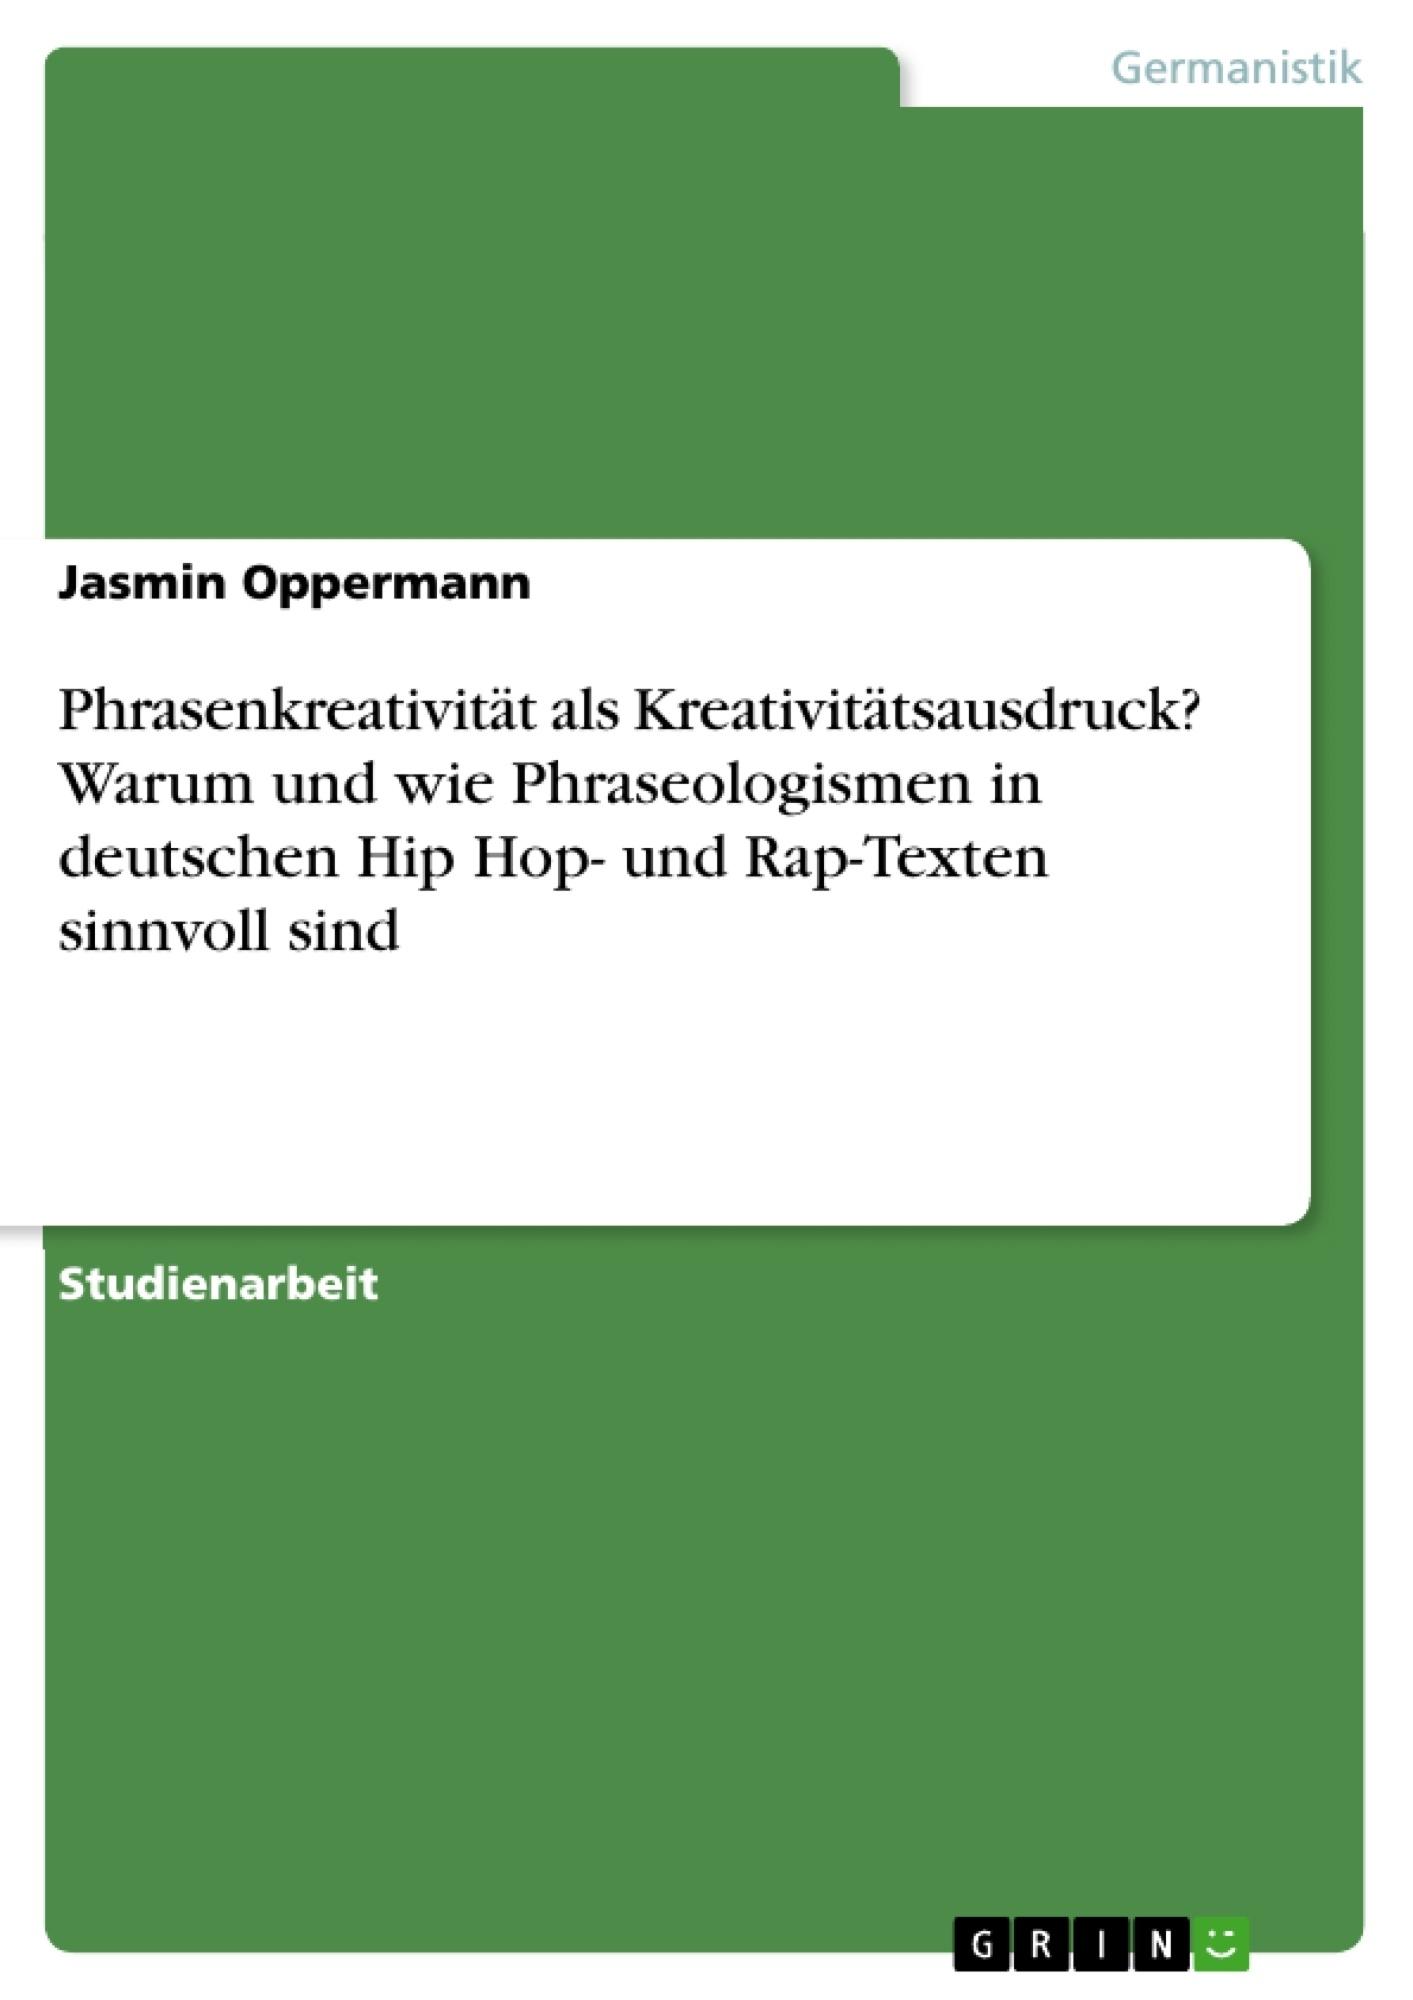 Titel: Phrasenkreativität als Kreativitätsausdruck? Warum und wie Phraseologismen in deutschen Hip Hop- und Rap-Texten sinnvoll sind